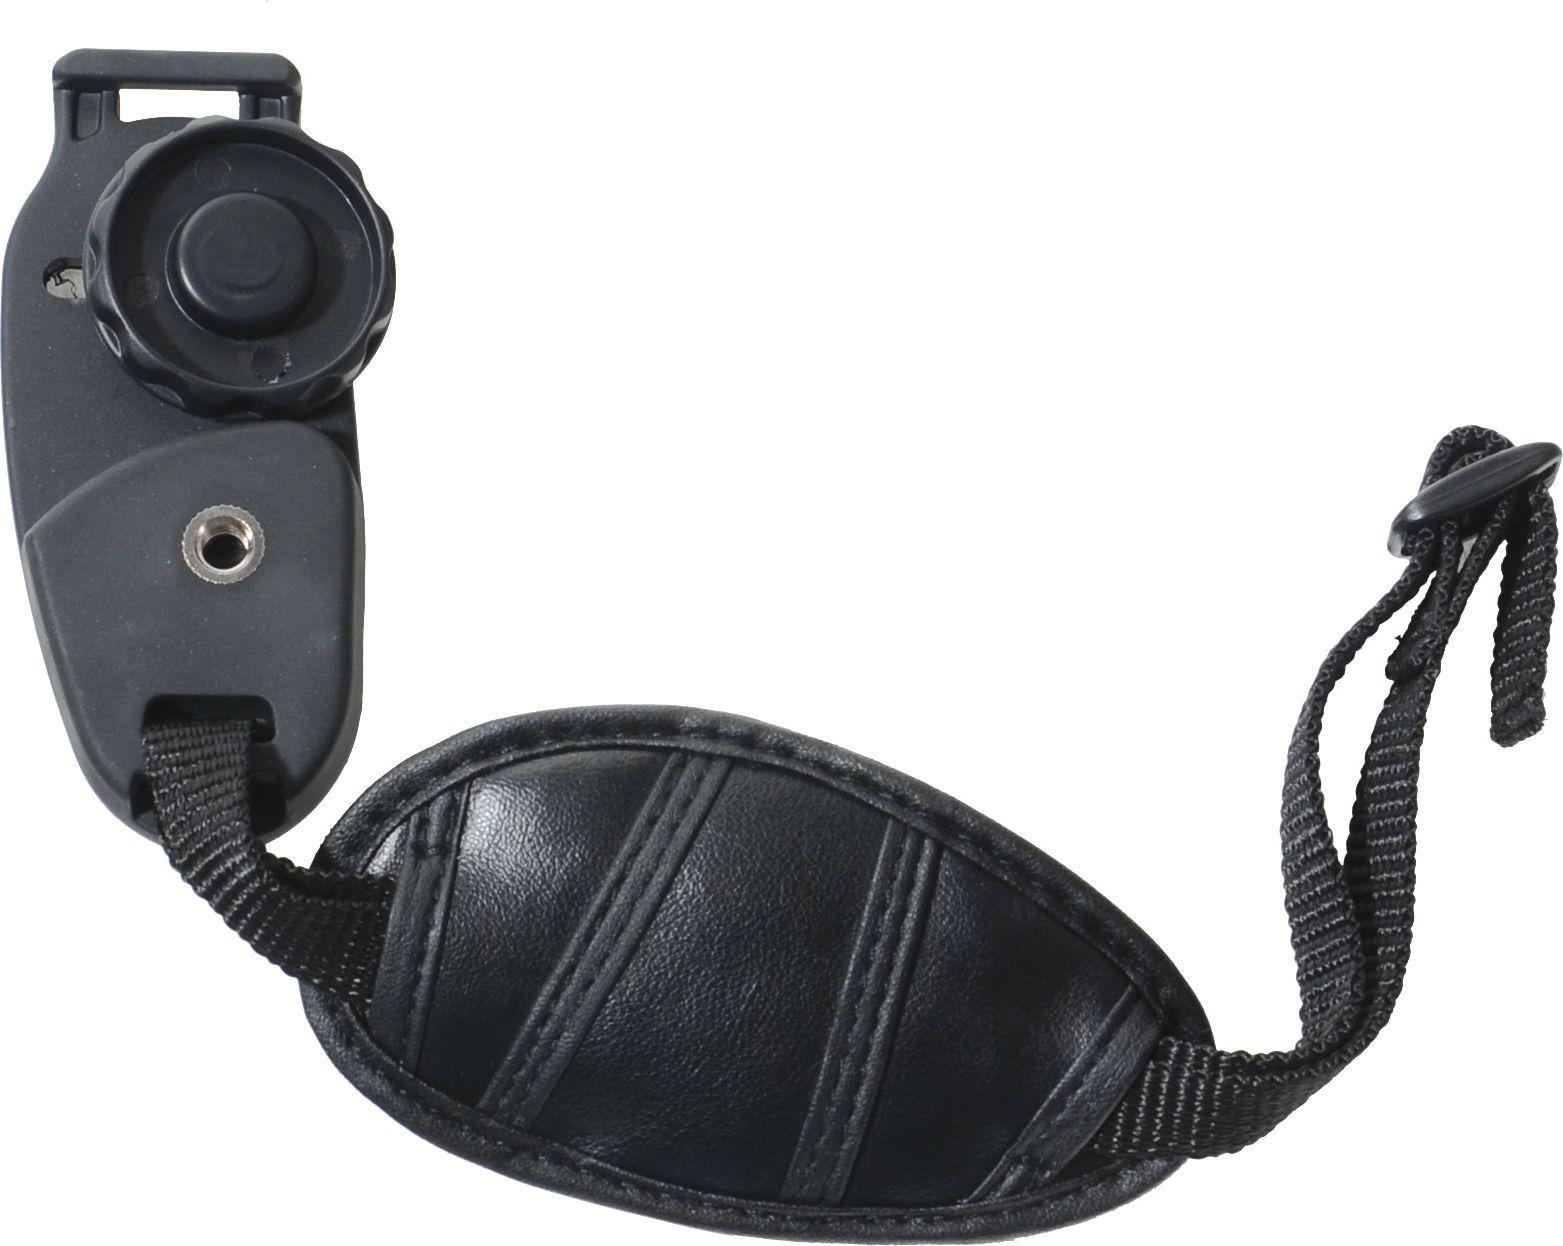 Ремень для камеры Flama SLR DSLR Partial DC JW-C ТМ-С, ручной, черный